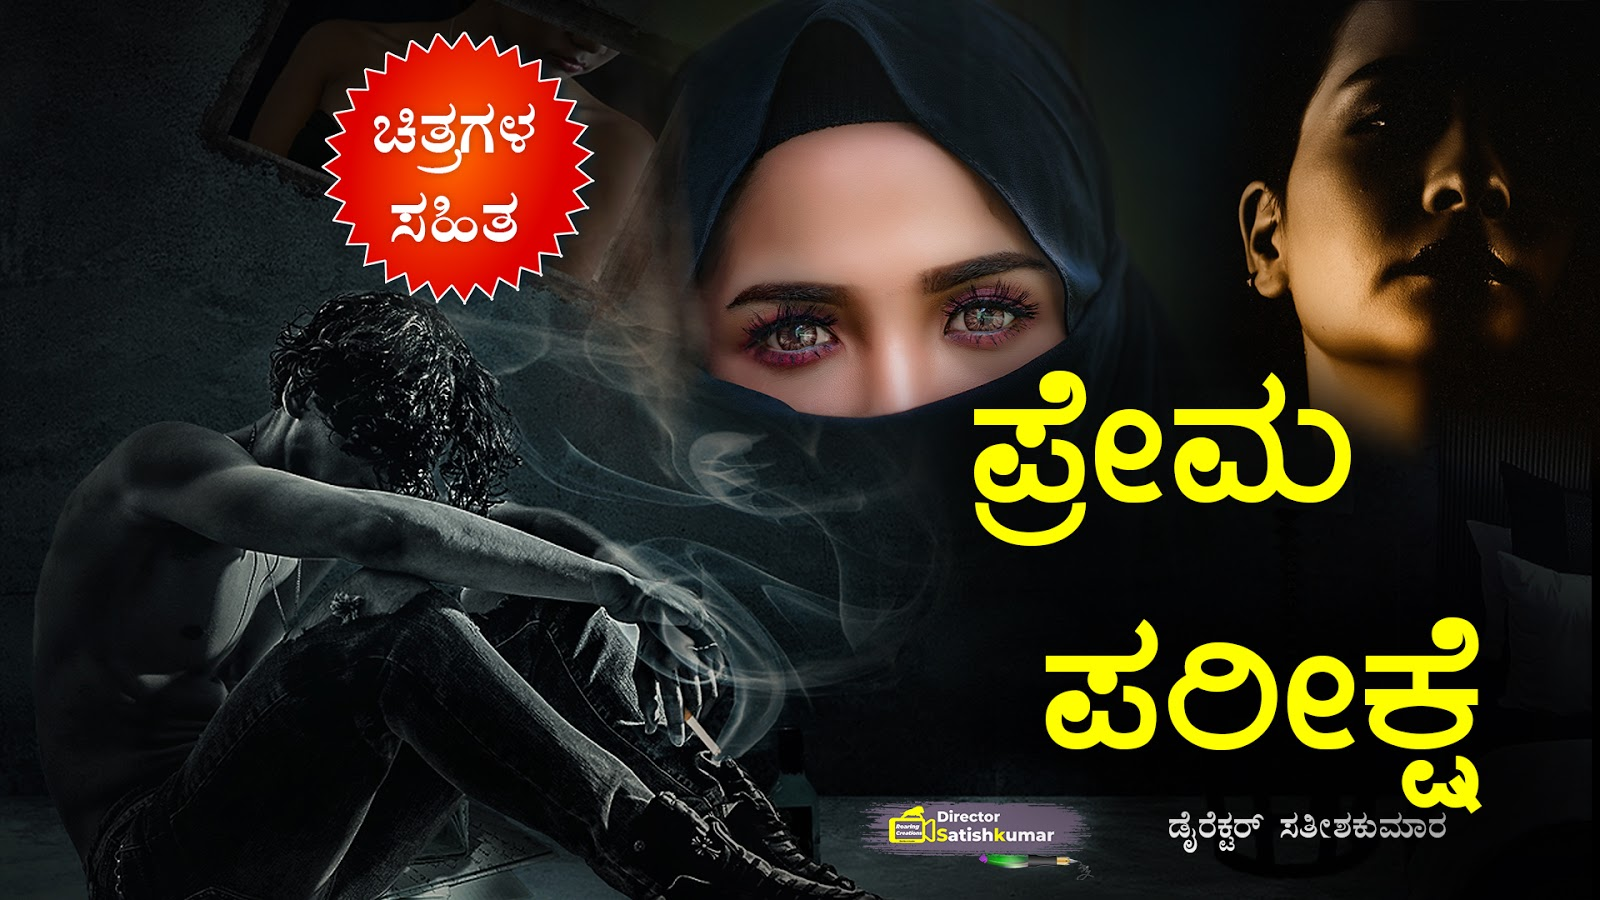 ಪ್ರೇಮ ಪರೀಕ್ಷೆ : Husband and Beautiful Wife story in Kannada - ಕನ್ನಡ ಕಥೆ ಪುಸ್ತಕಗಳು - Kannada Story Books -  E Books Kannada - Kannada Books